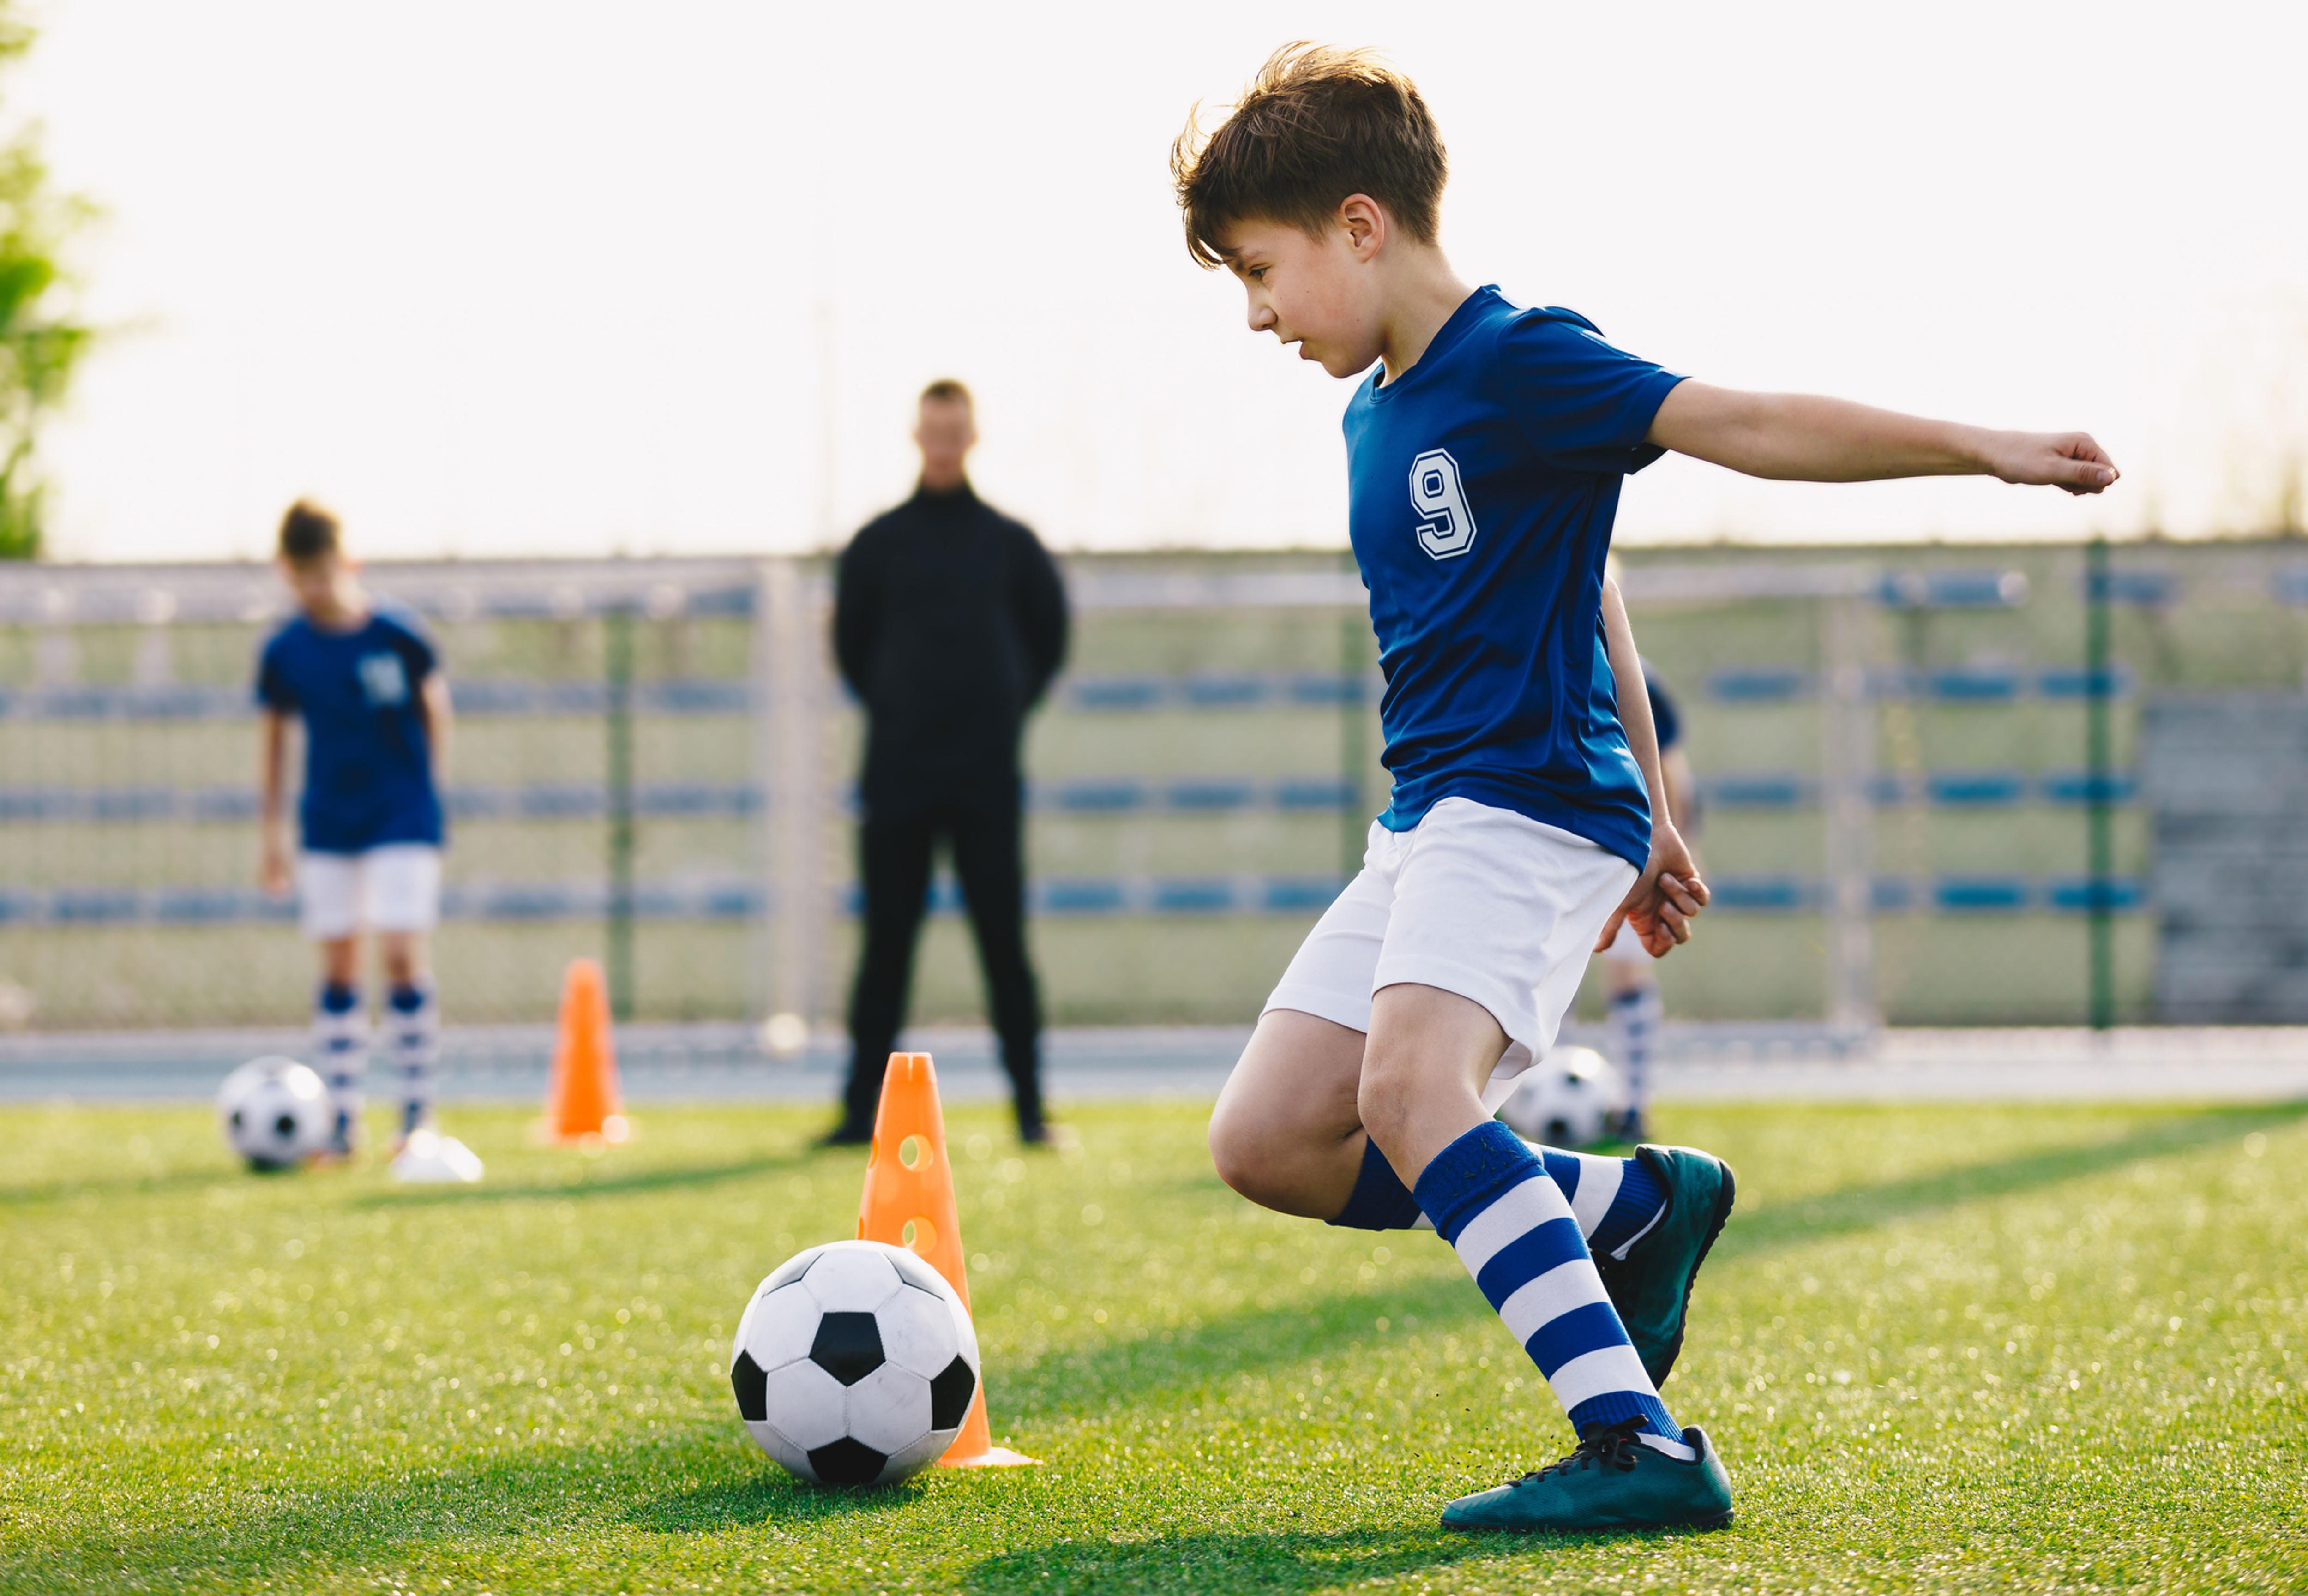 Sportmedische keuring leeftijdsafwijking